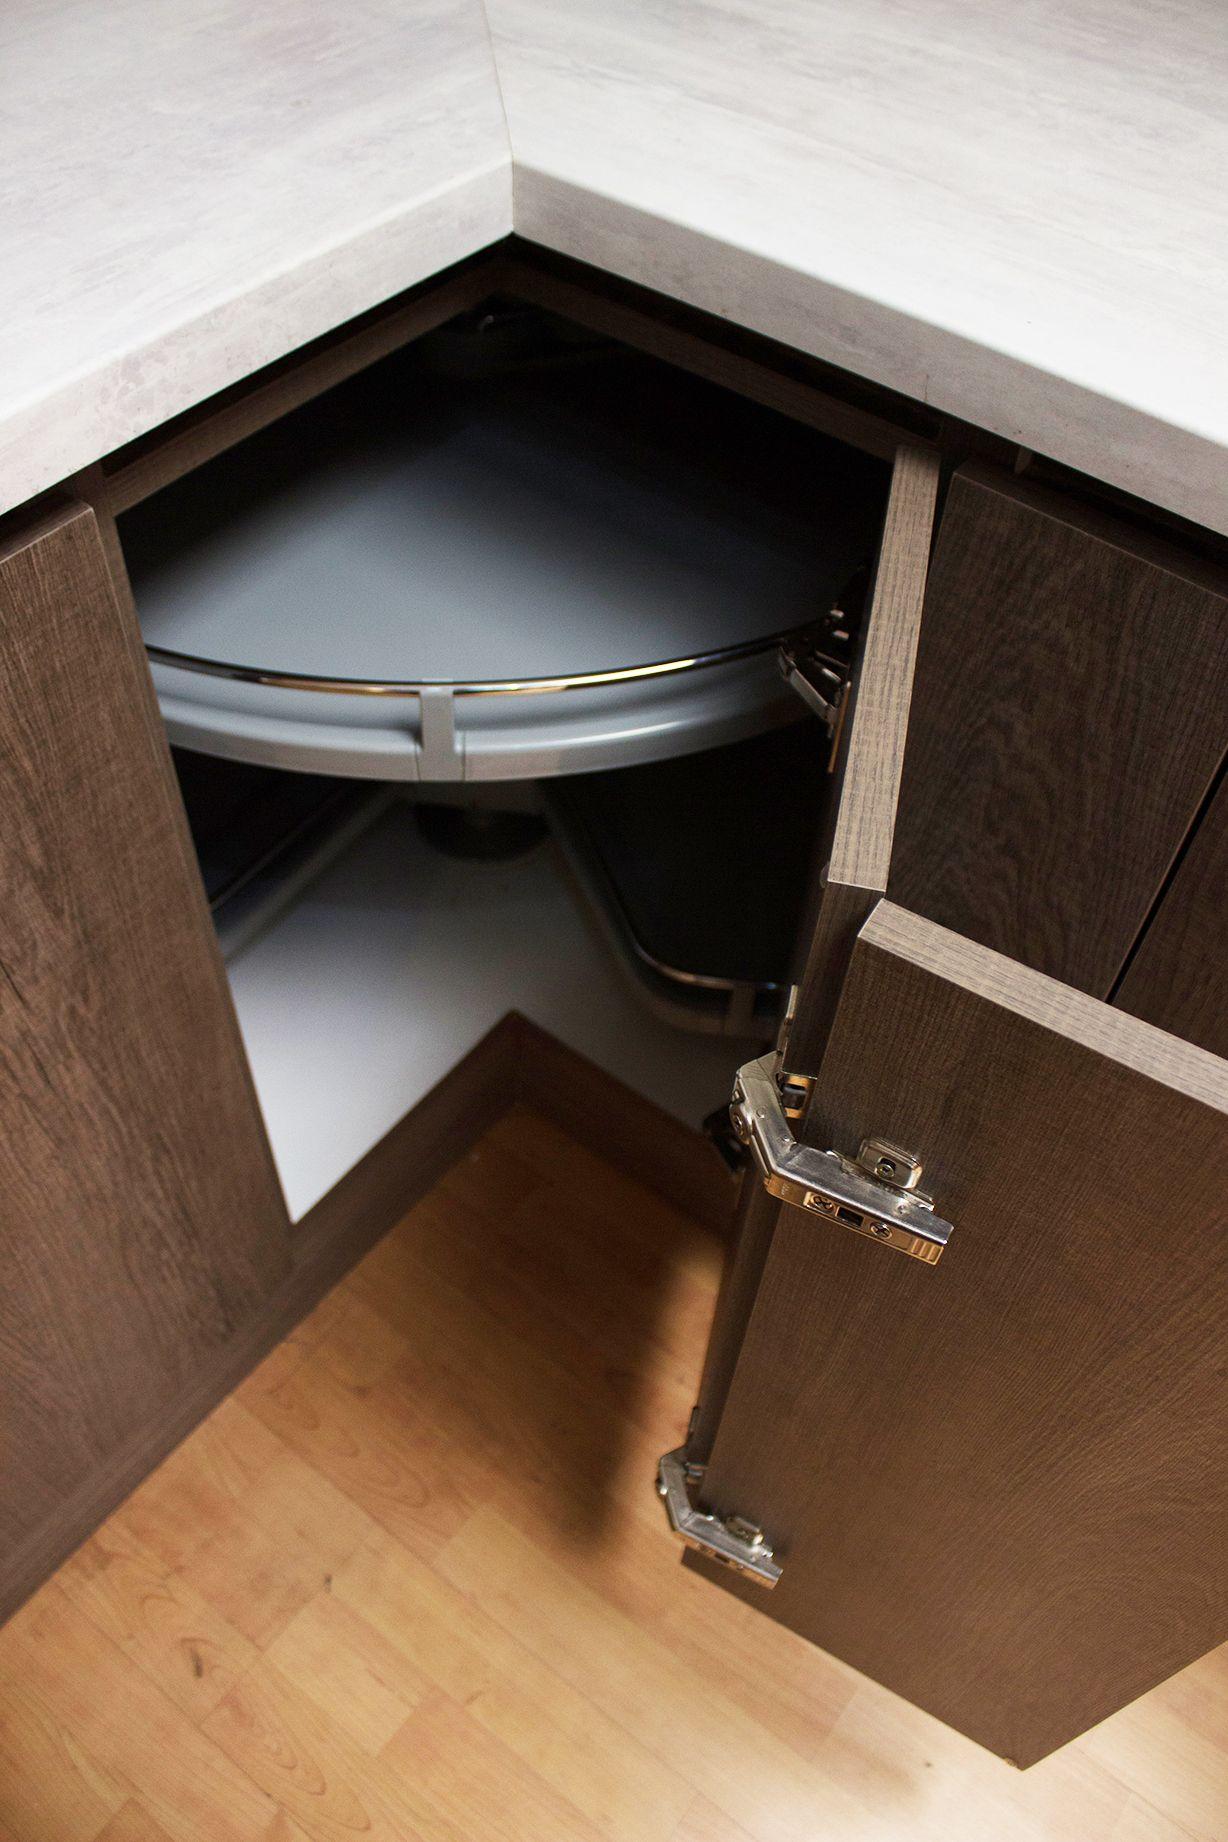 Muebles esquineros cocina amazing resultado de imagen para tipos de muebles esquineros de - Muebles de cocina esquineros ...